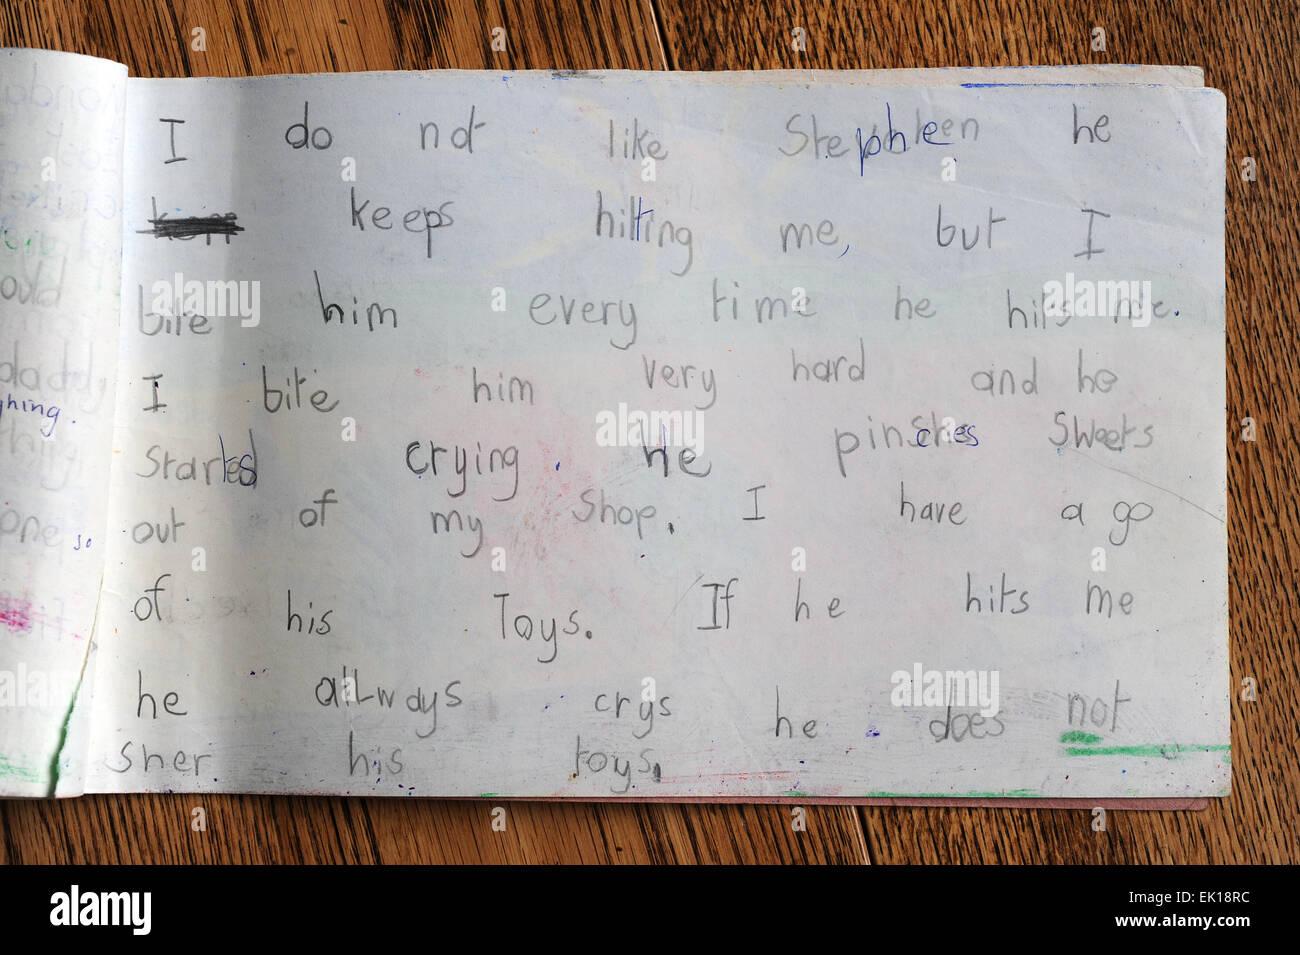 Diairies de niños de la escuela primaria en el Reino Unido Imagen De Stock